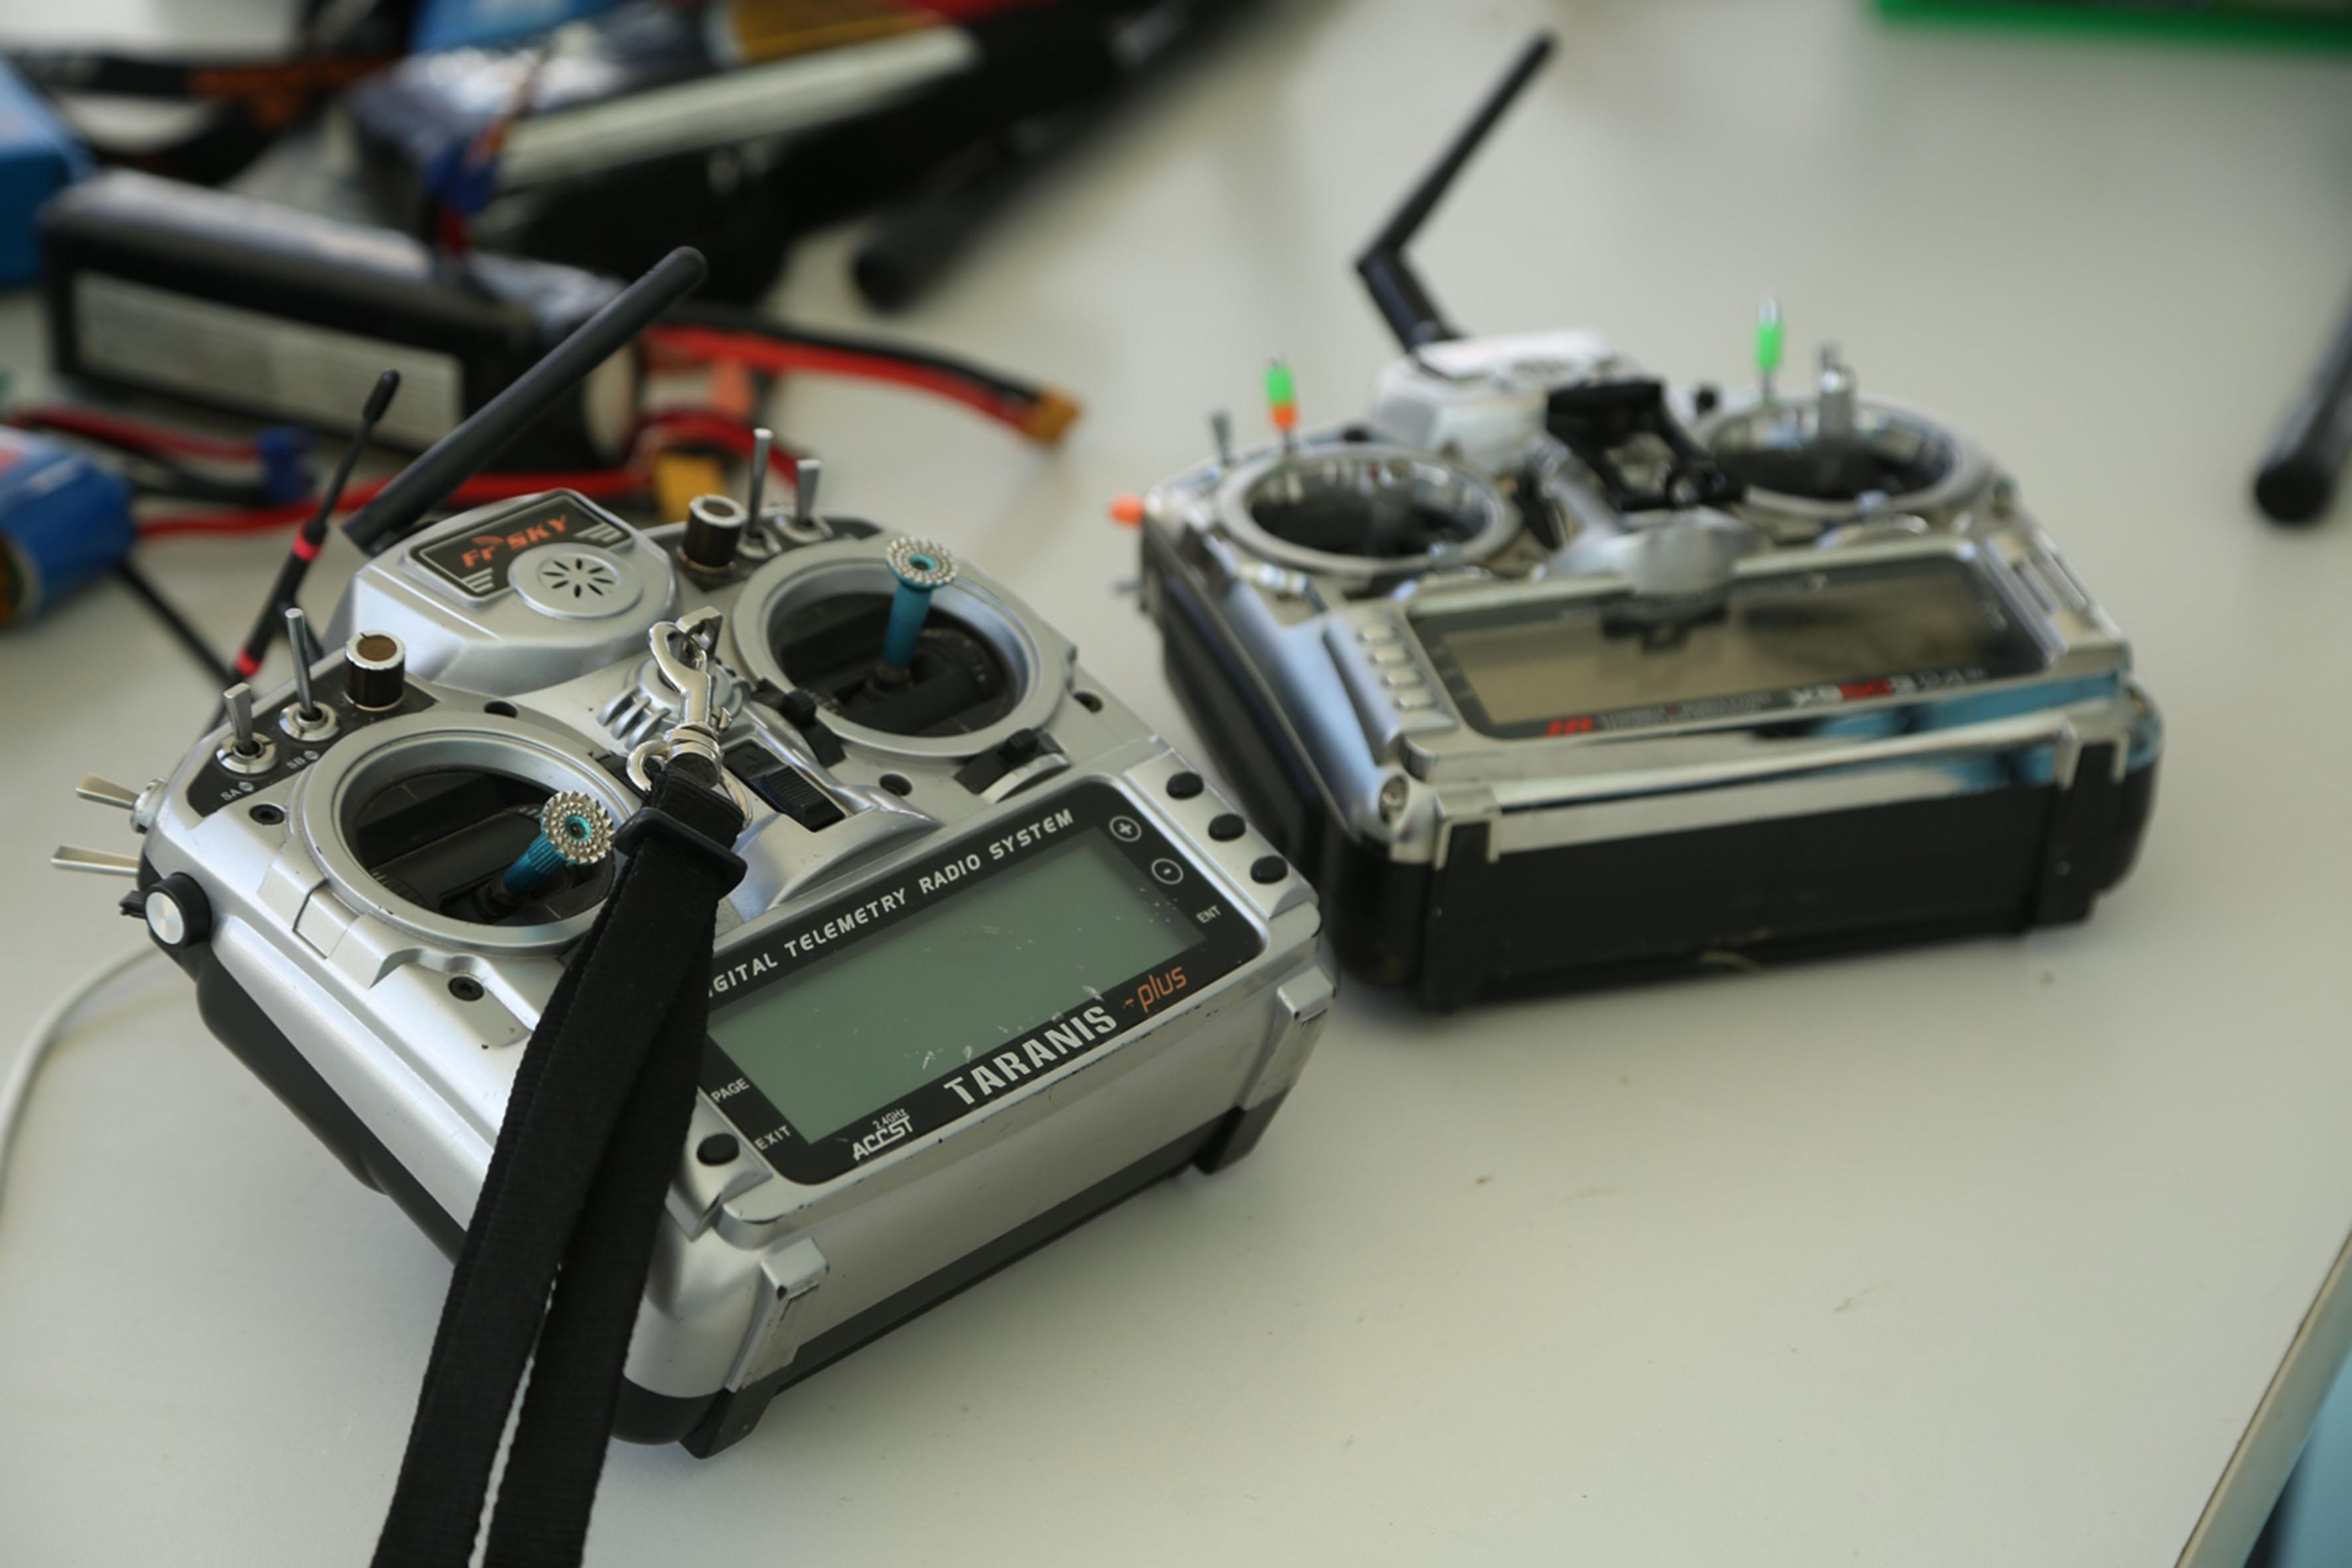 Equipo medidor digital de radio sistema.